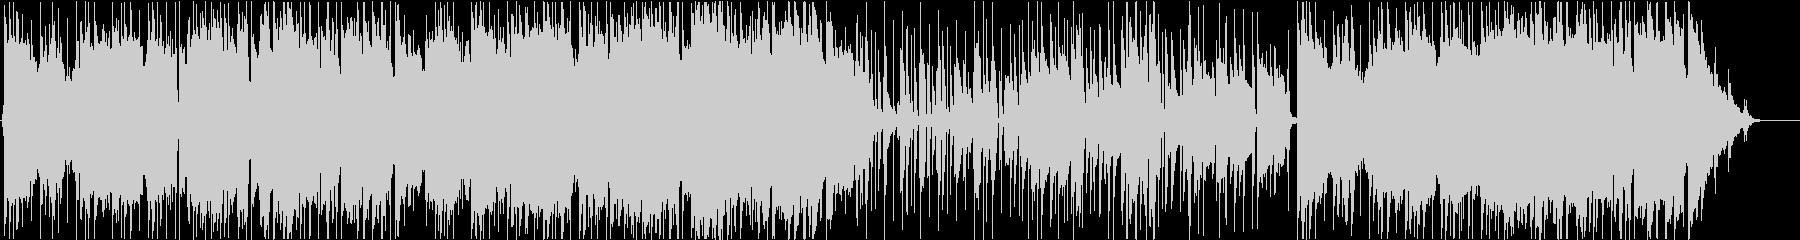 J.S.バッハ「G線上のアリア」AOR風の未再生の波形